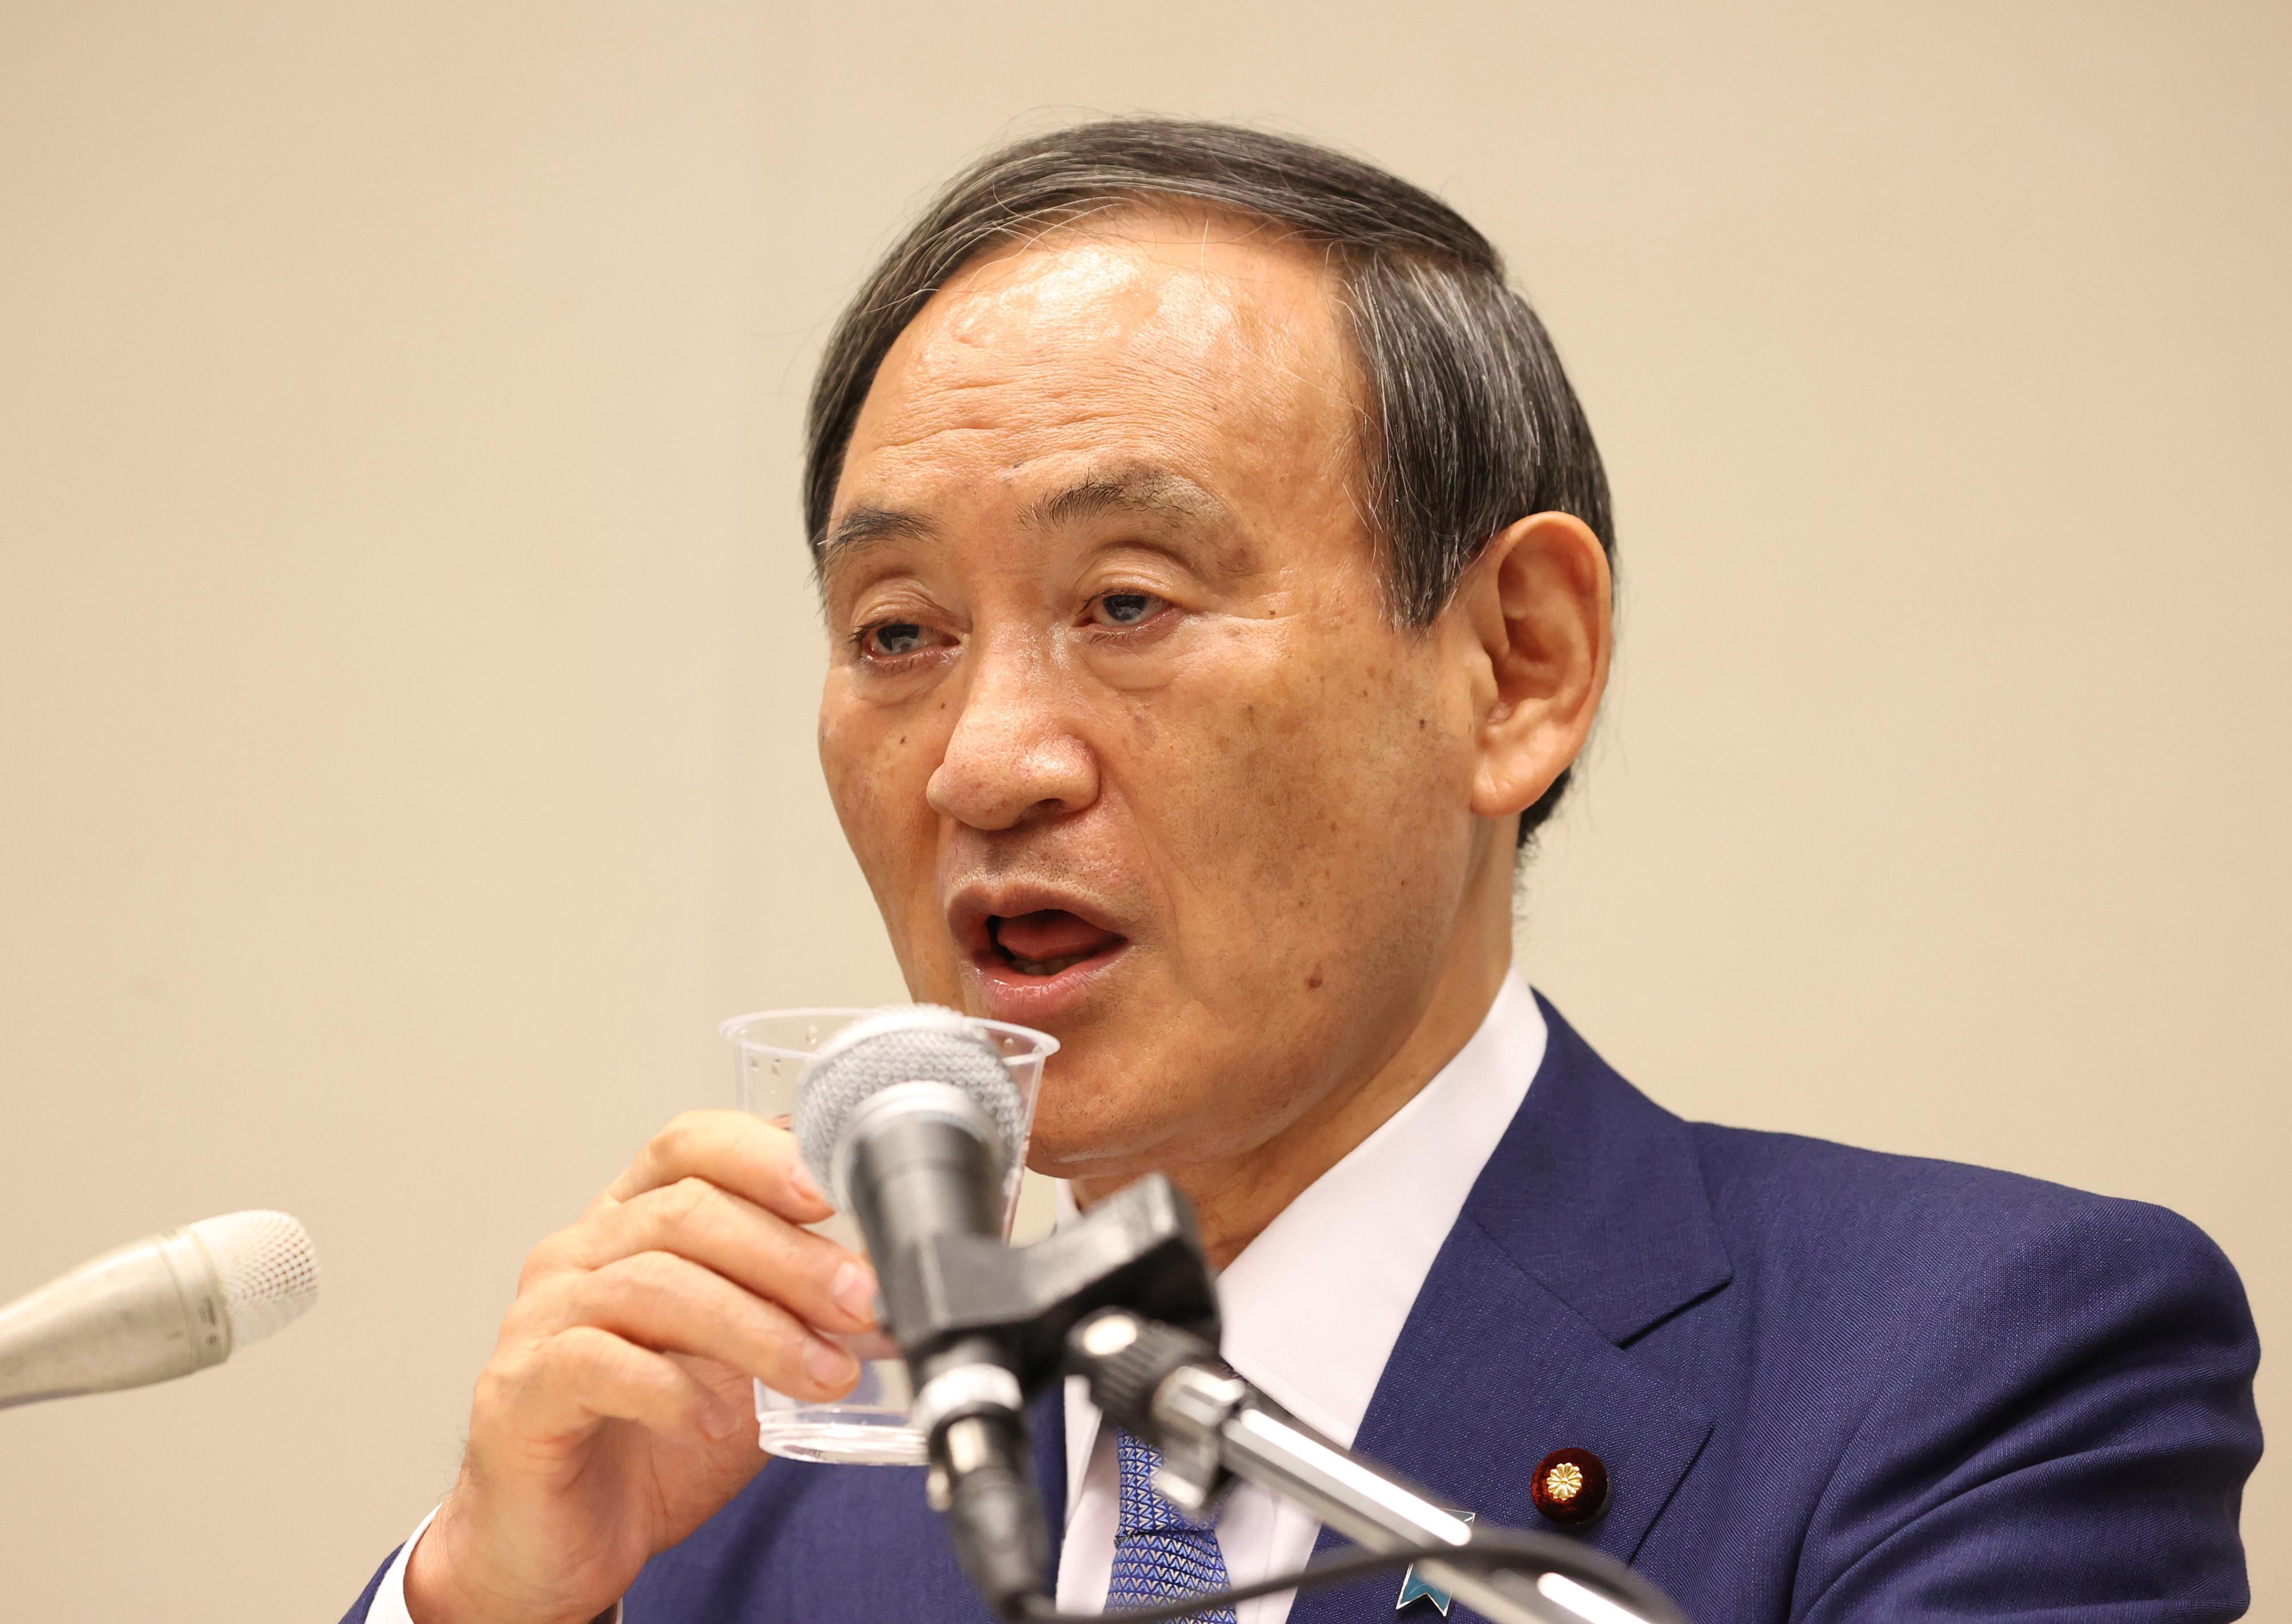 ▲▼日相菅義偉重申立場,表示若南韓未先提出解決對策,則無訪韓必要。(圖/達志影像)